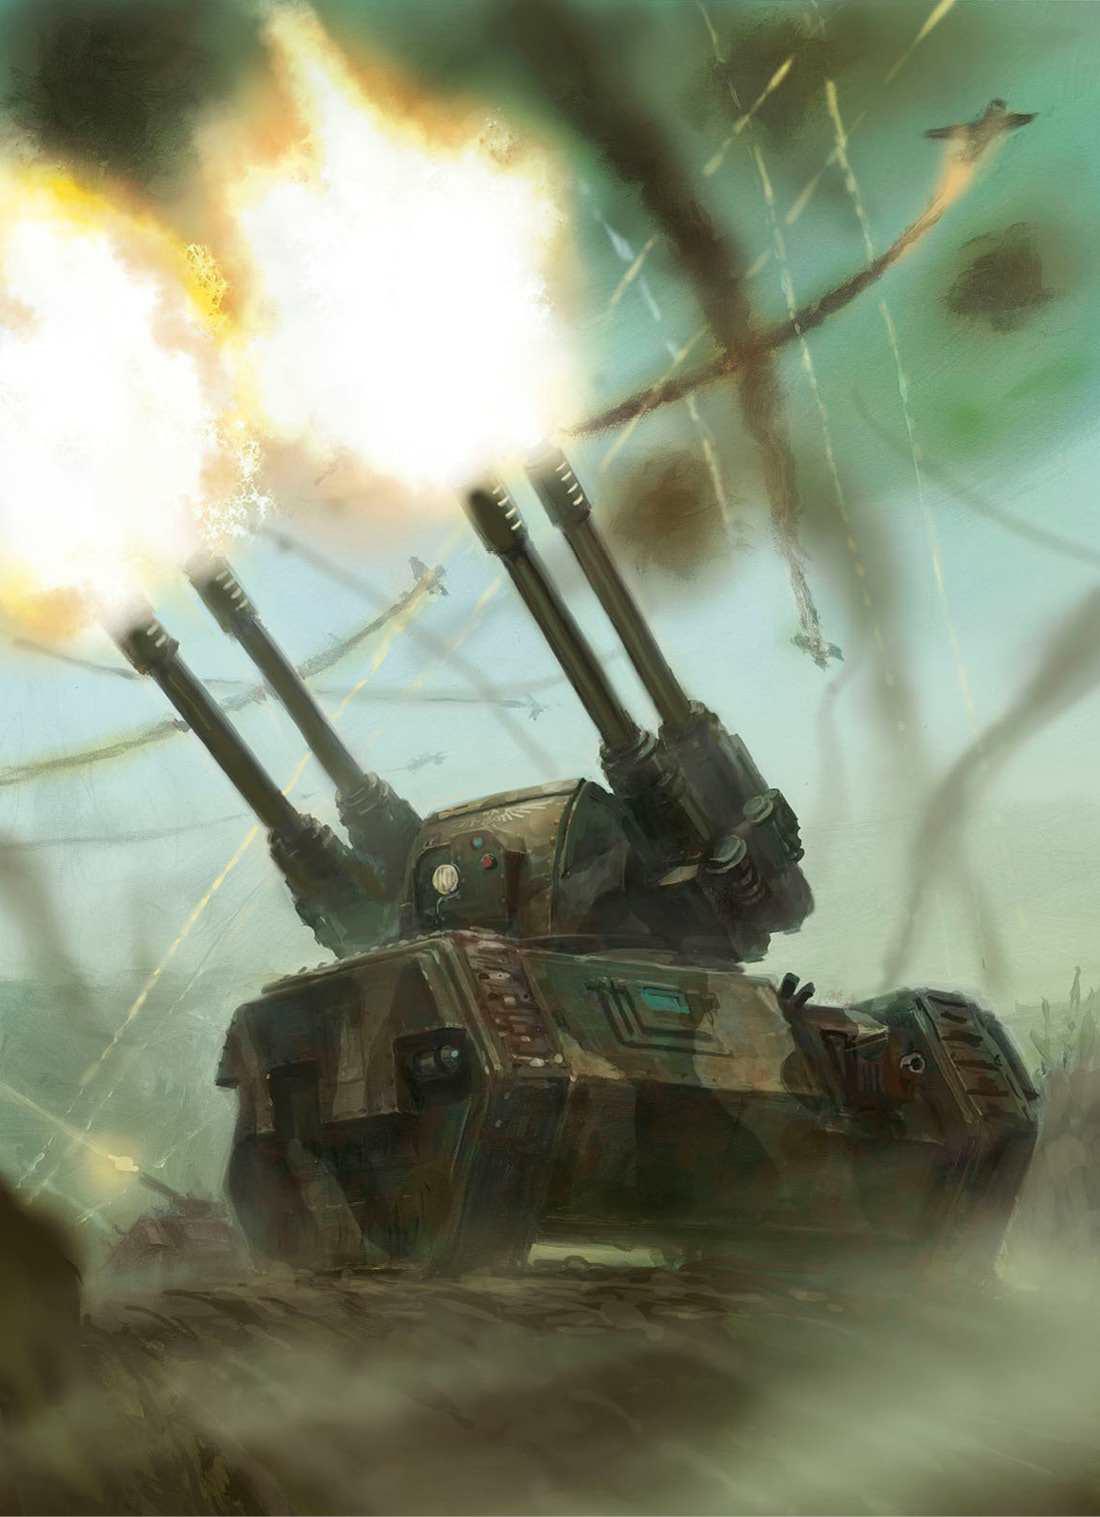 hydra weapon platform